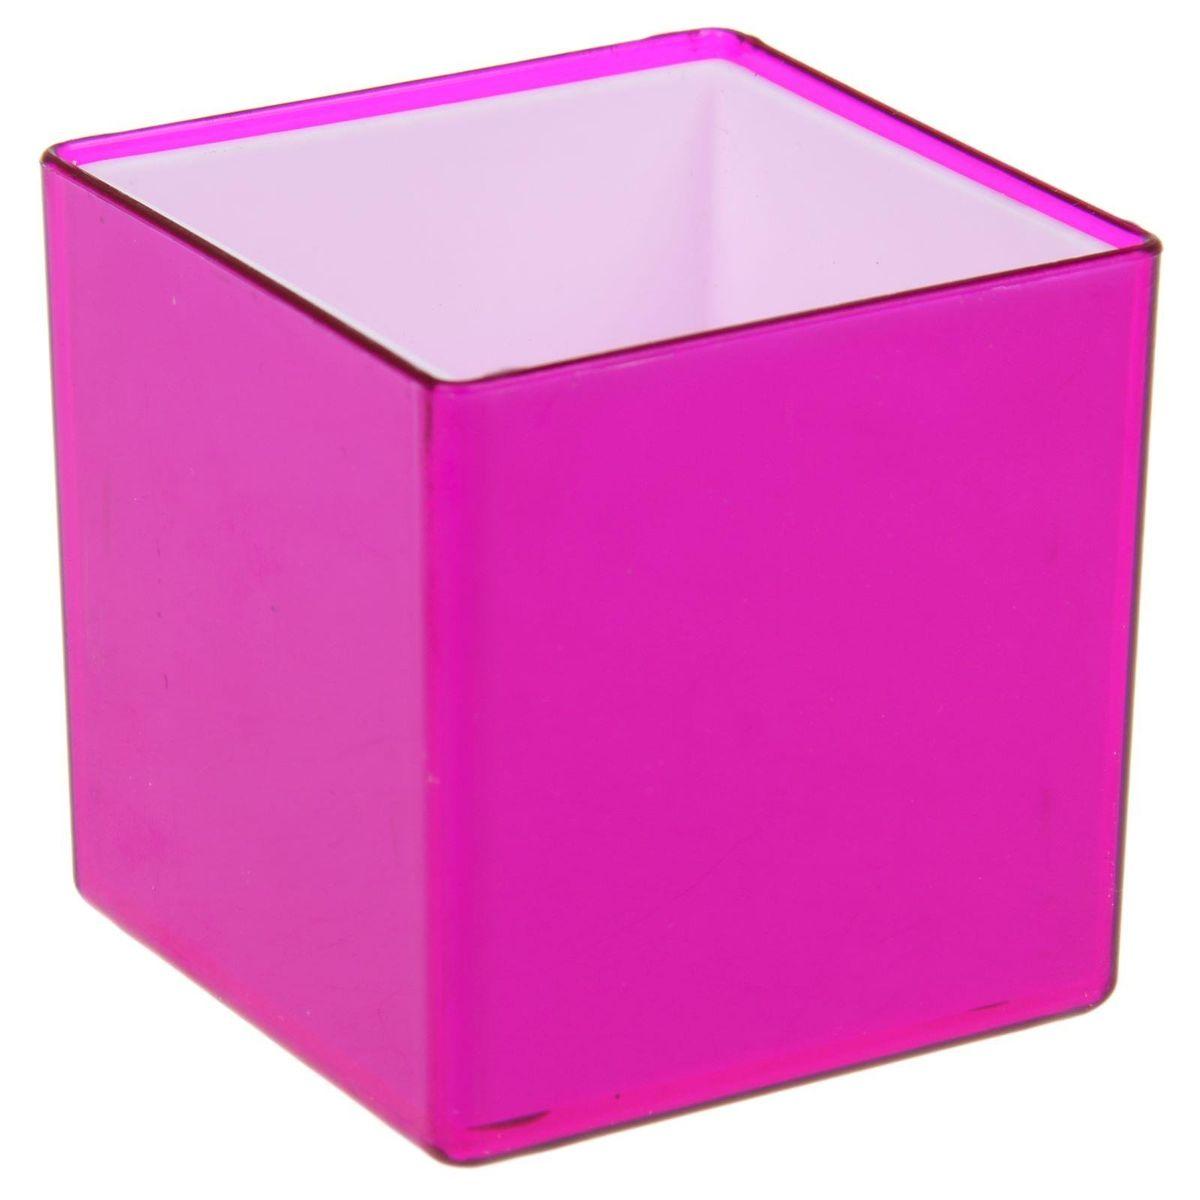 Кашпо JetPlast Мини куб, на магните, цвет: темно-фиолетовый, 6 x 6 x 6 см511-053Кашпо JetPlast Мини куб предназначено для украшения любого интерьера. Благодаря магнитной ленте, входящей в комплект, вы можете разместить его не только на подоконнике, столе или иной поверхности, а также на холодильнике и любой другой металлической поверхности, дополняя привычные вещи новыми дизайнерскими решениями. Кашпо можно использовать не только под цветы, но и как подставку для ручек, карандашей и прочих канцелярских мелочей.Размеры кашпо: 6 х 6 х 6 см.